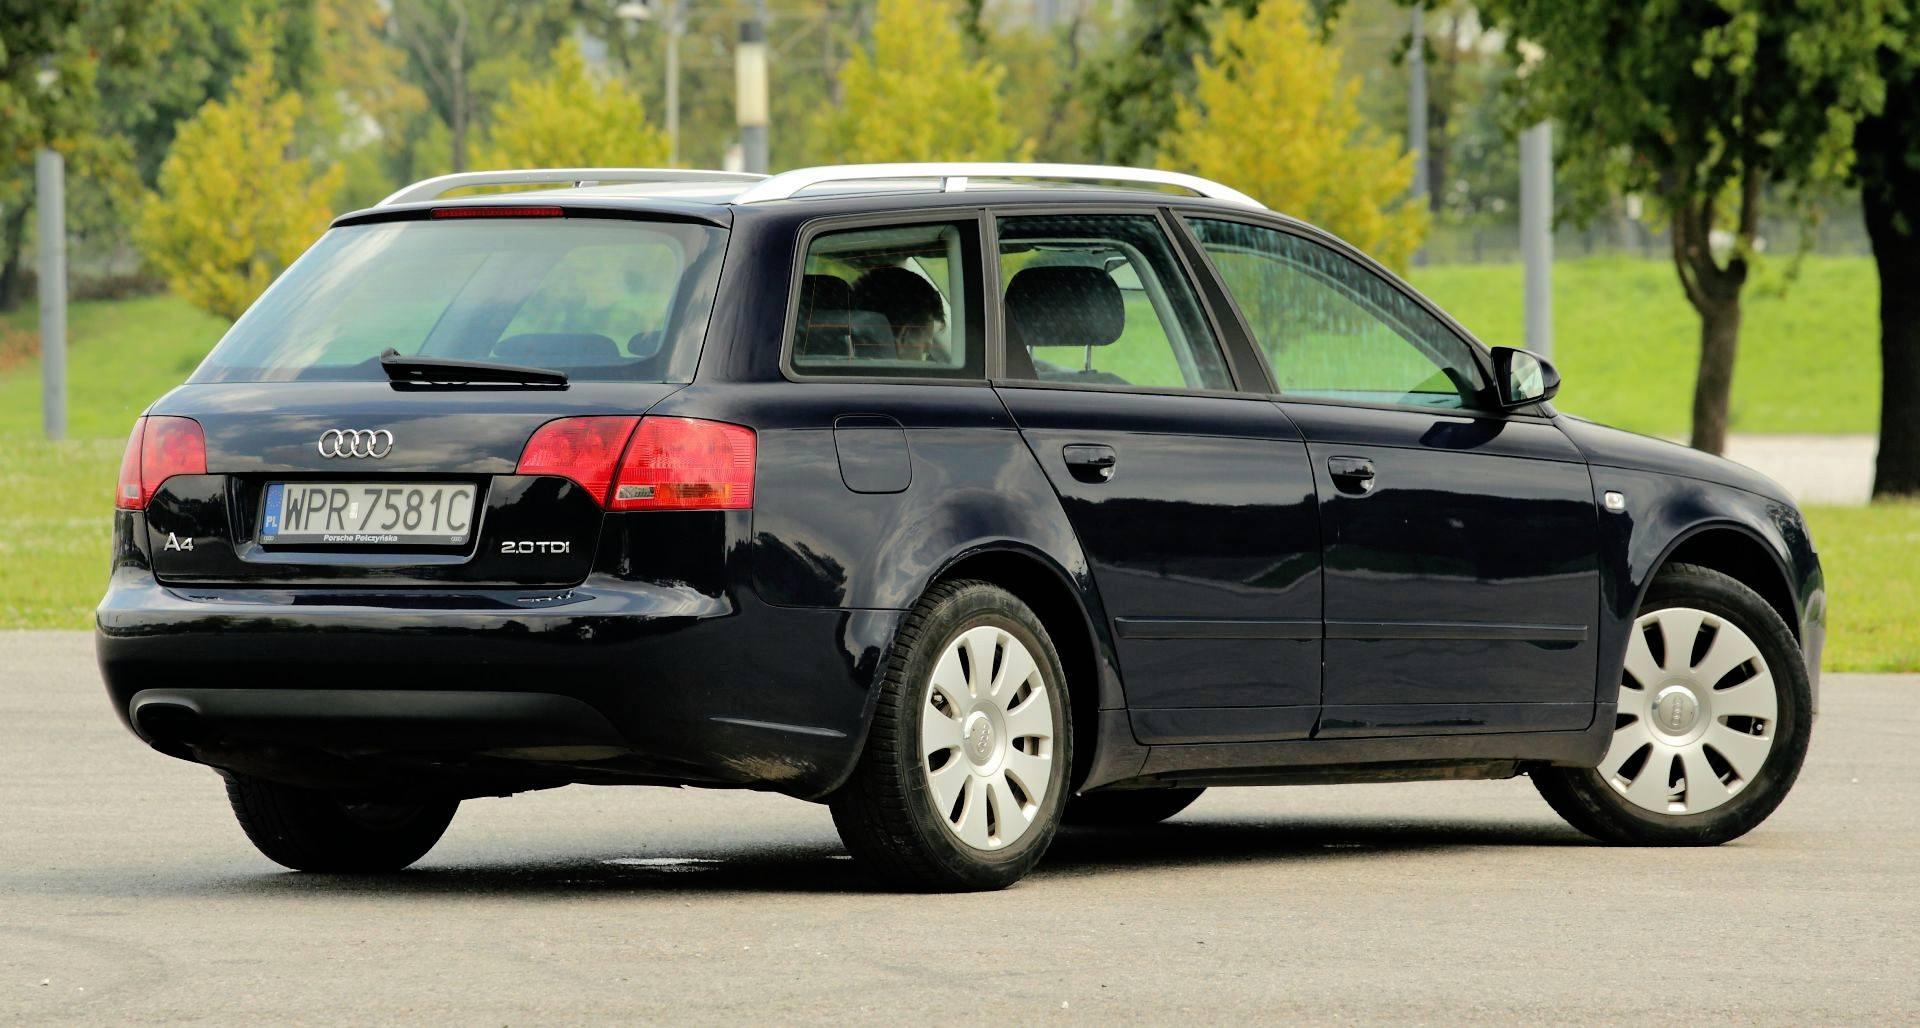 Niesamowite Używane Audi A4 B7 (2004-2008) – OPINIE CD17